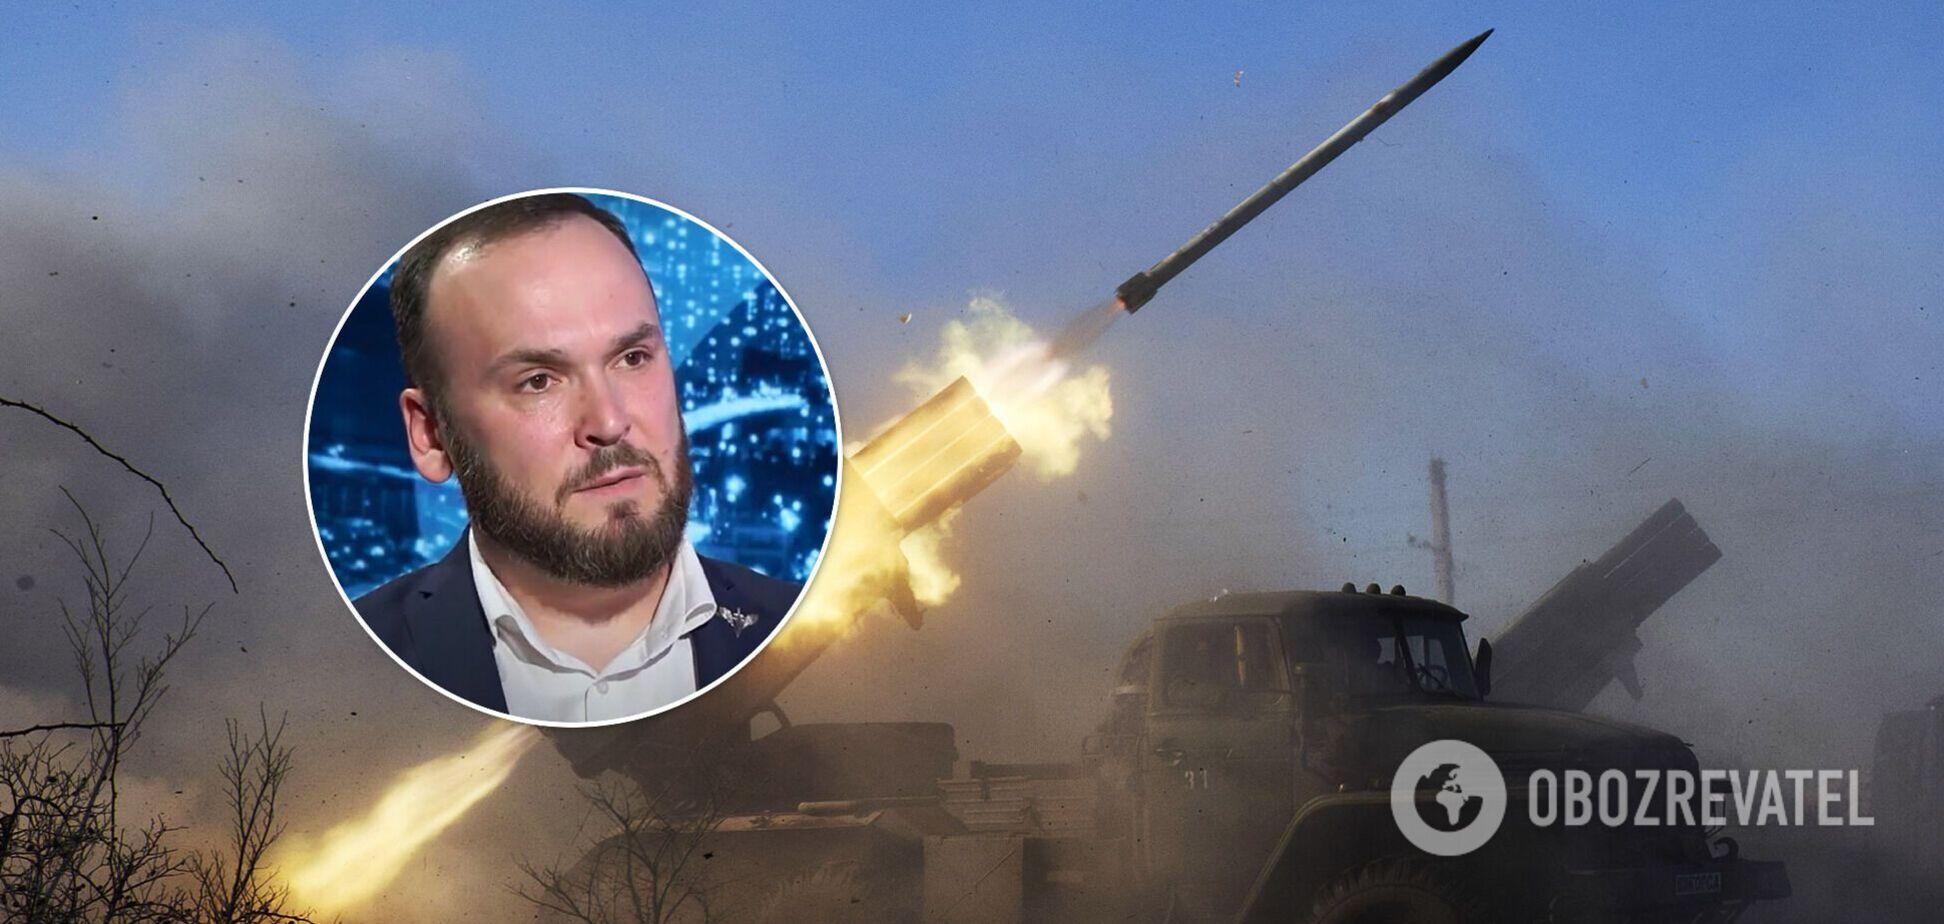 ВСУ могут отвечать артиллерией на обстрелы на Донбассе, – Кочевенко